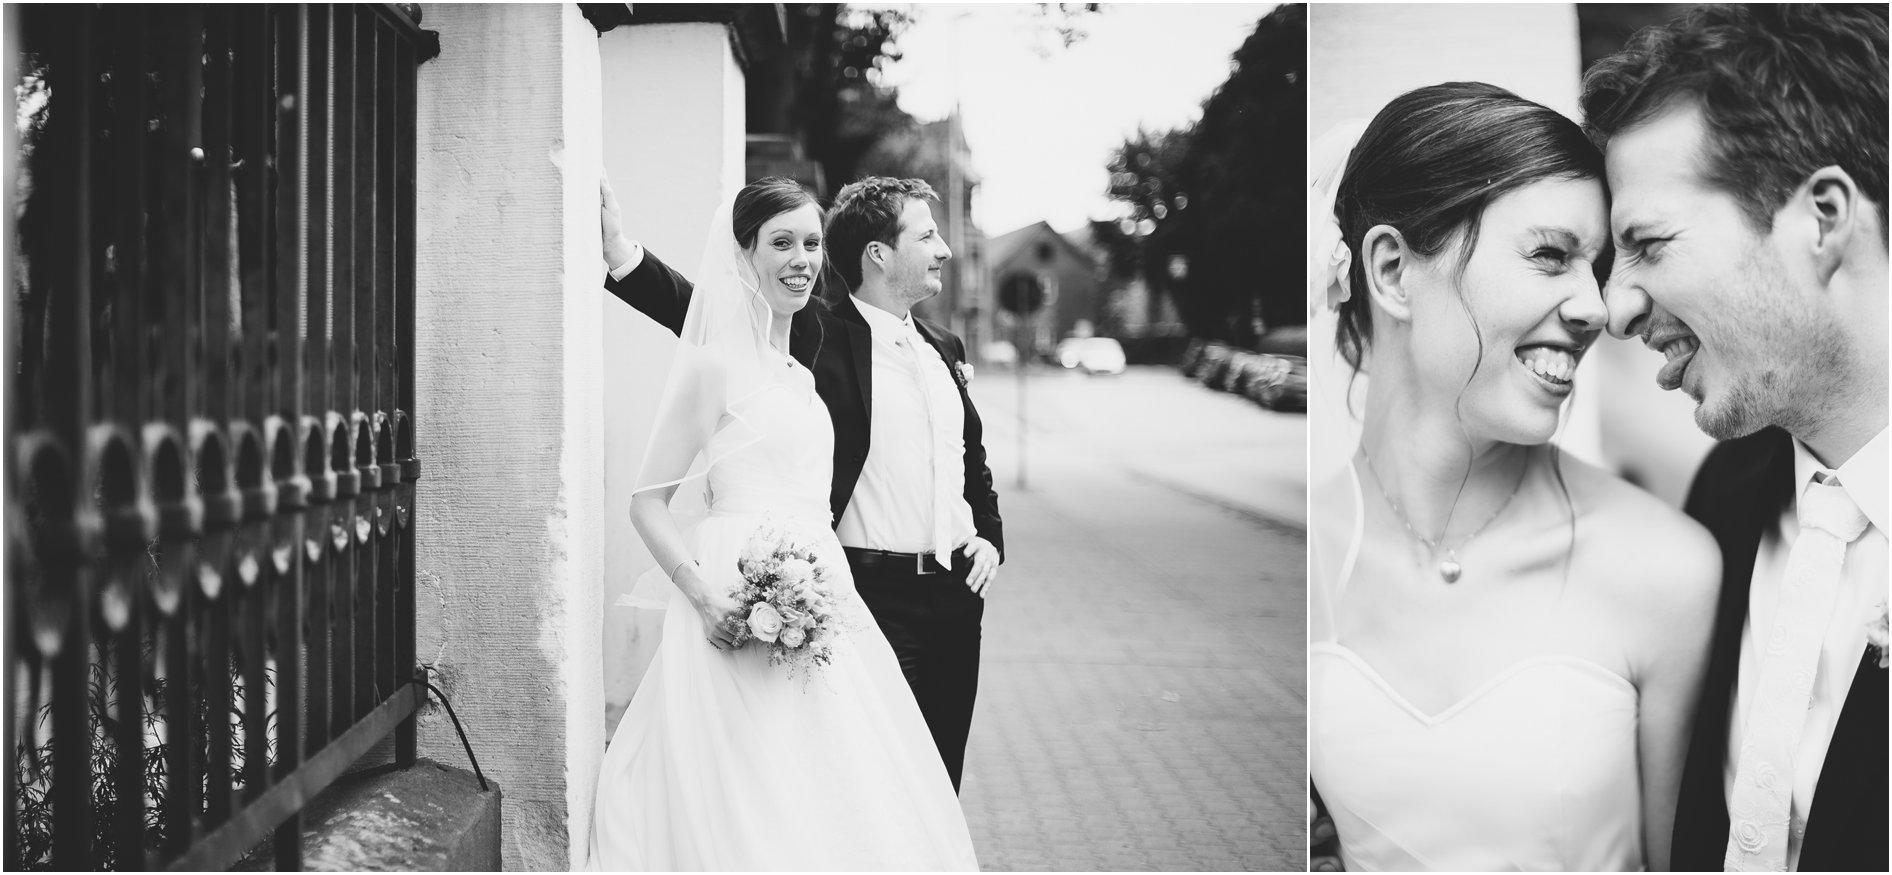 2014-08-07_0061 Wiebke und Marcio - Hochzeitsfotograf in Lüneburg